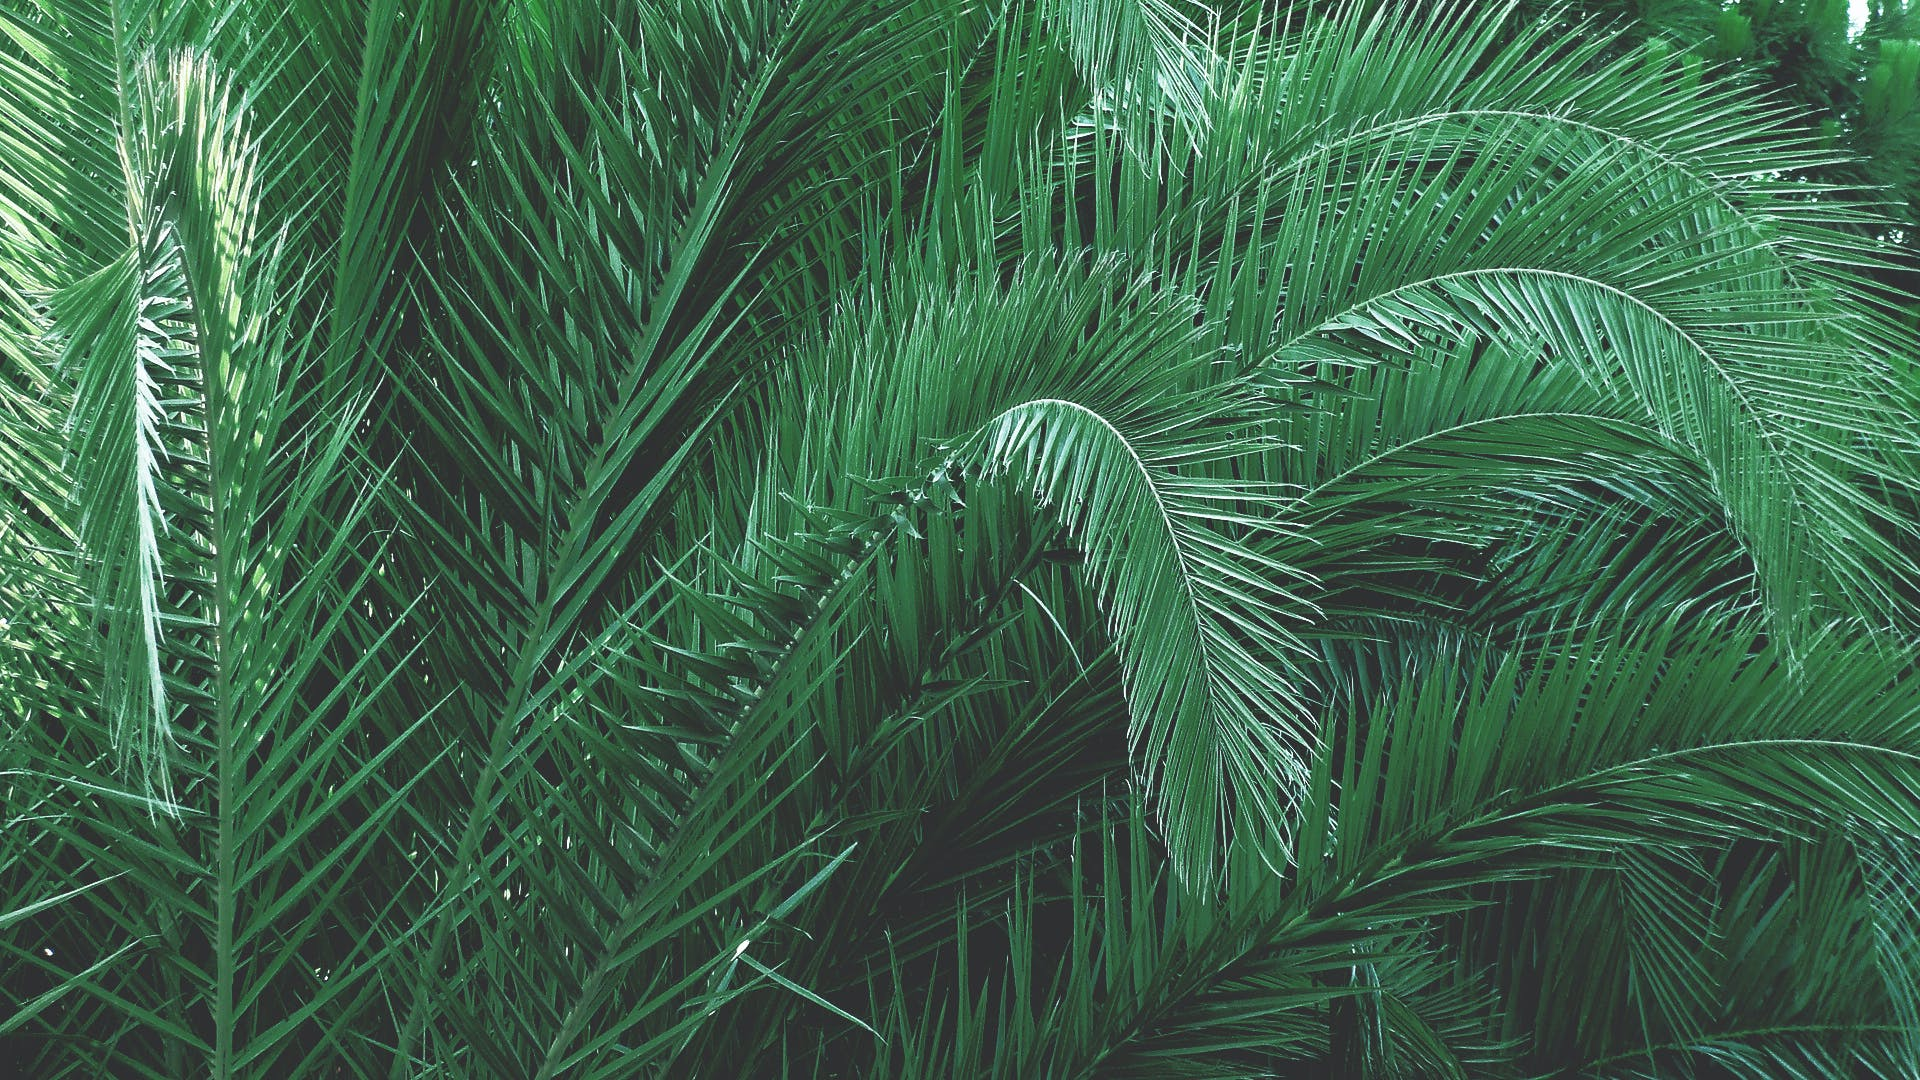 Kostenloses Stock Foto zu baum, grün, palme